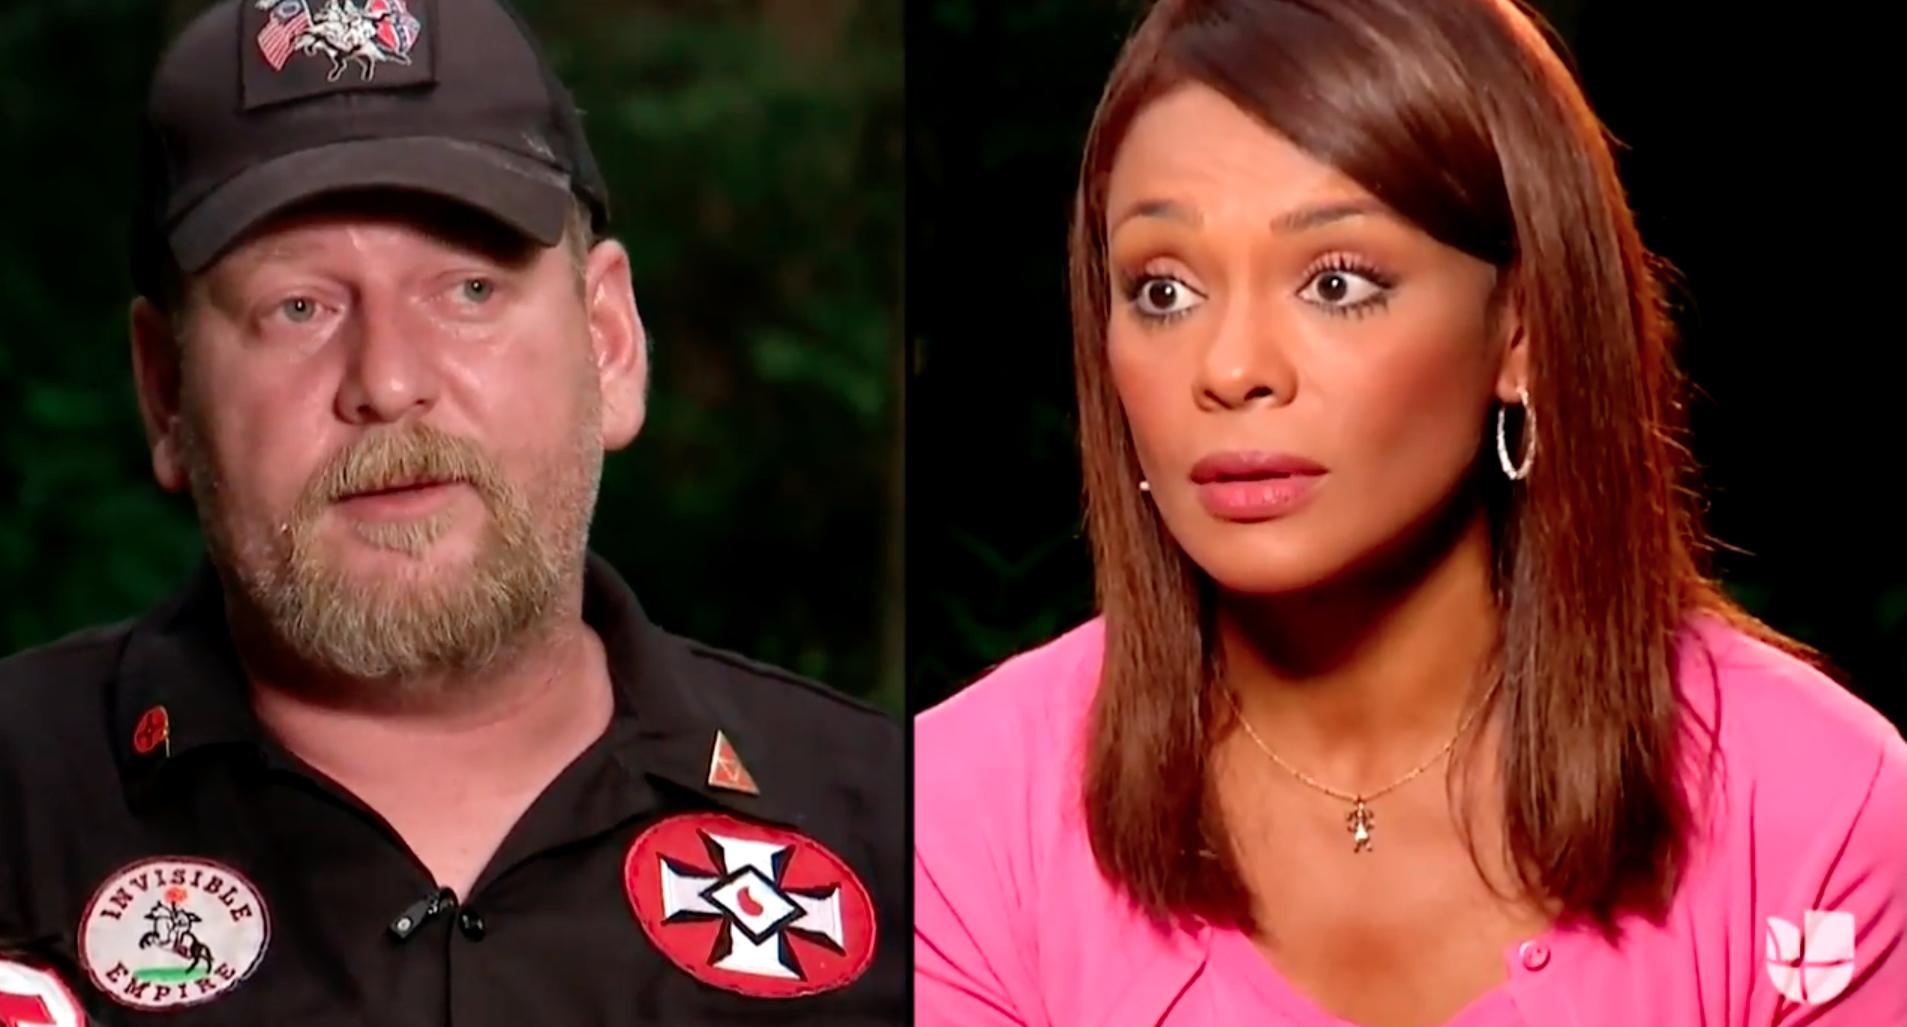 KKK Leader Calls Univision Reporter N-Word, Threatens to Burn Her